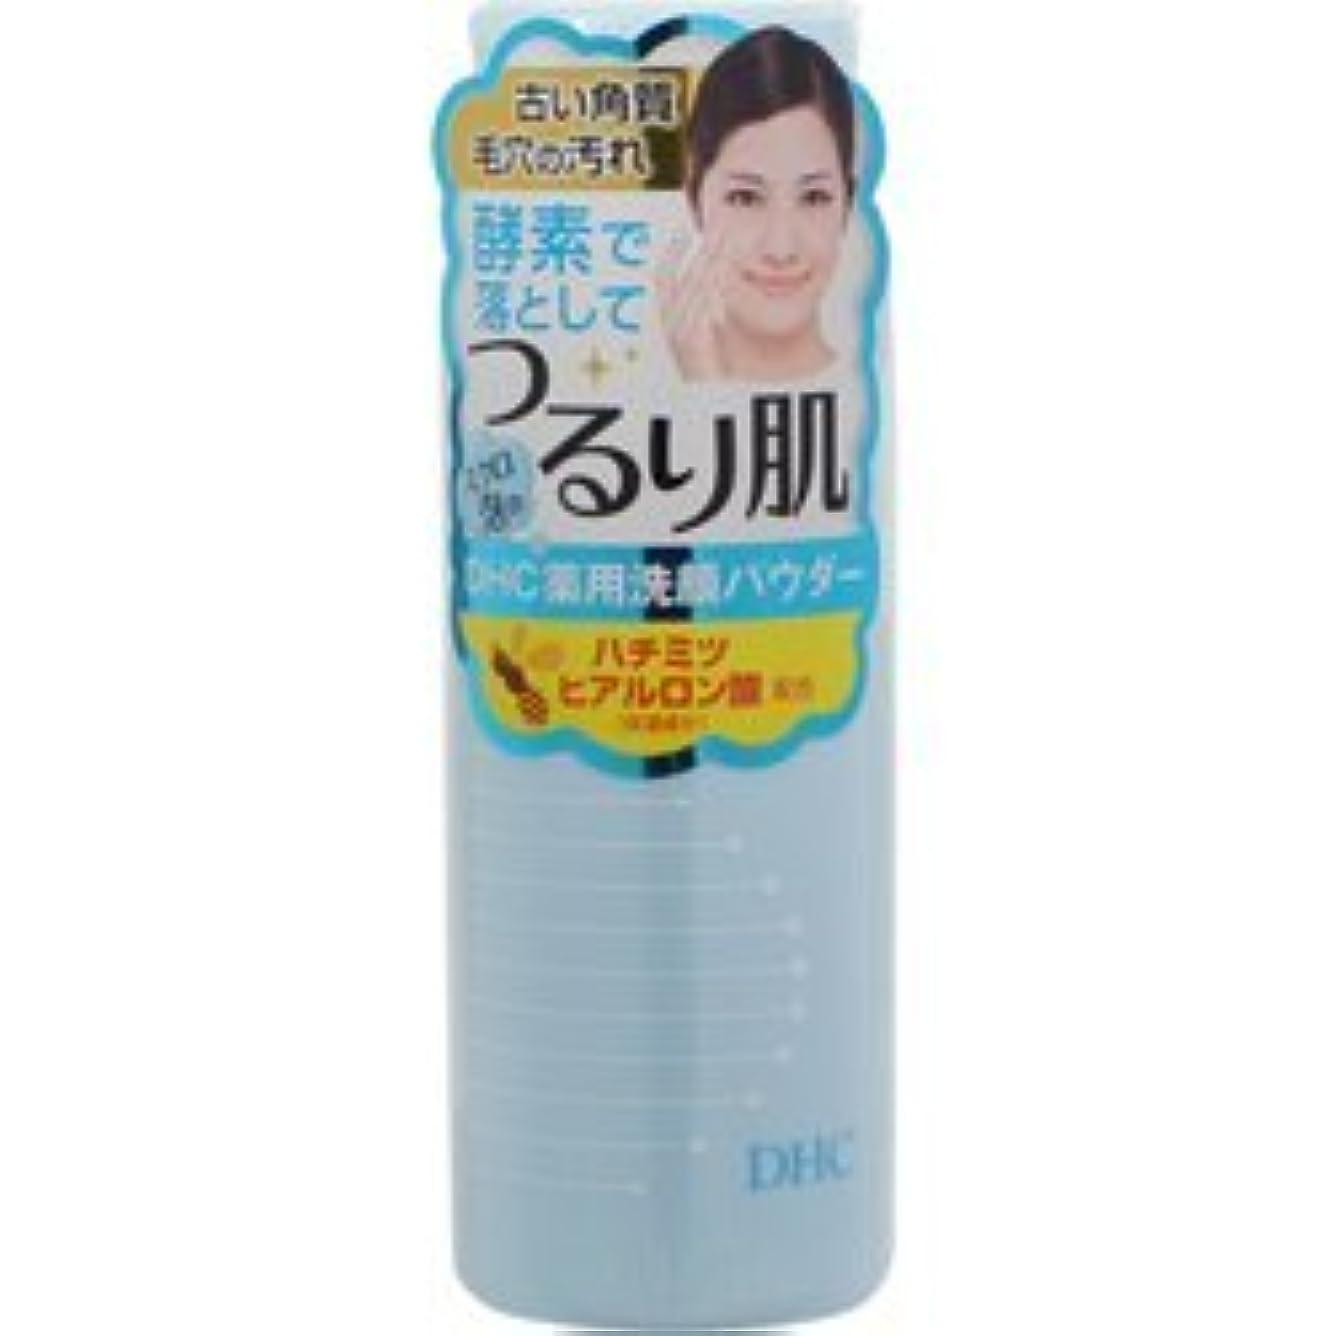 ラッシュ挑発するモーテル【DHC】薬用洗顔パウダーSS 50g ×5個セット